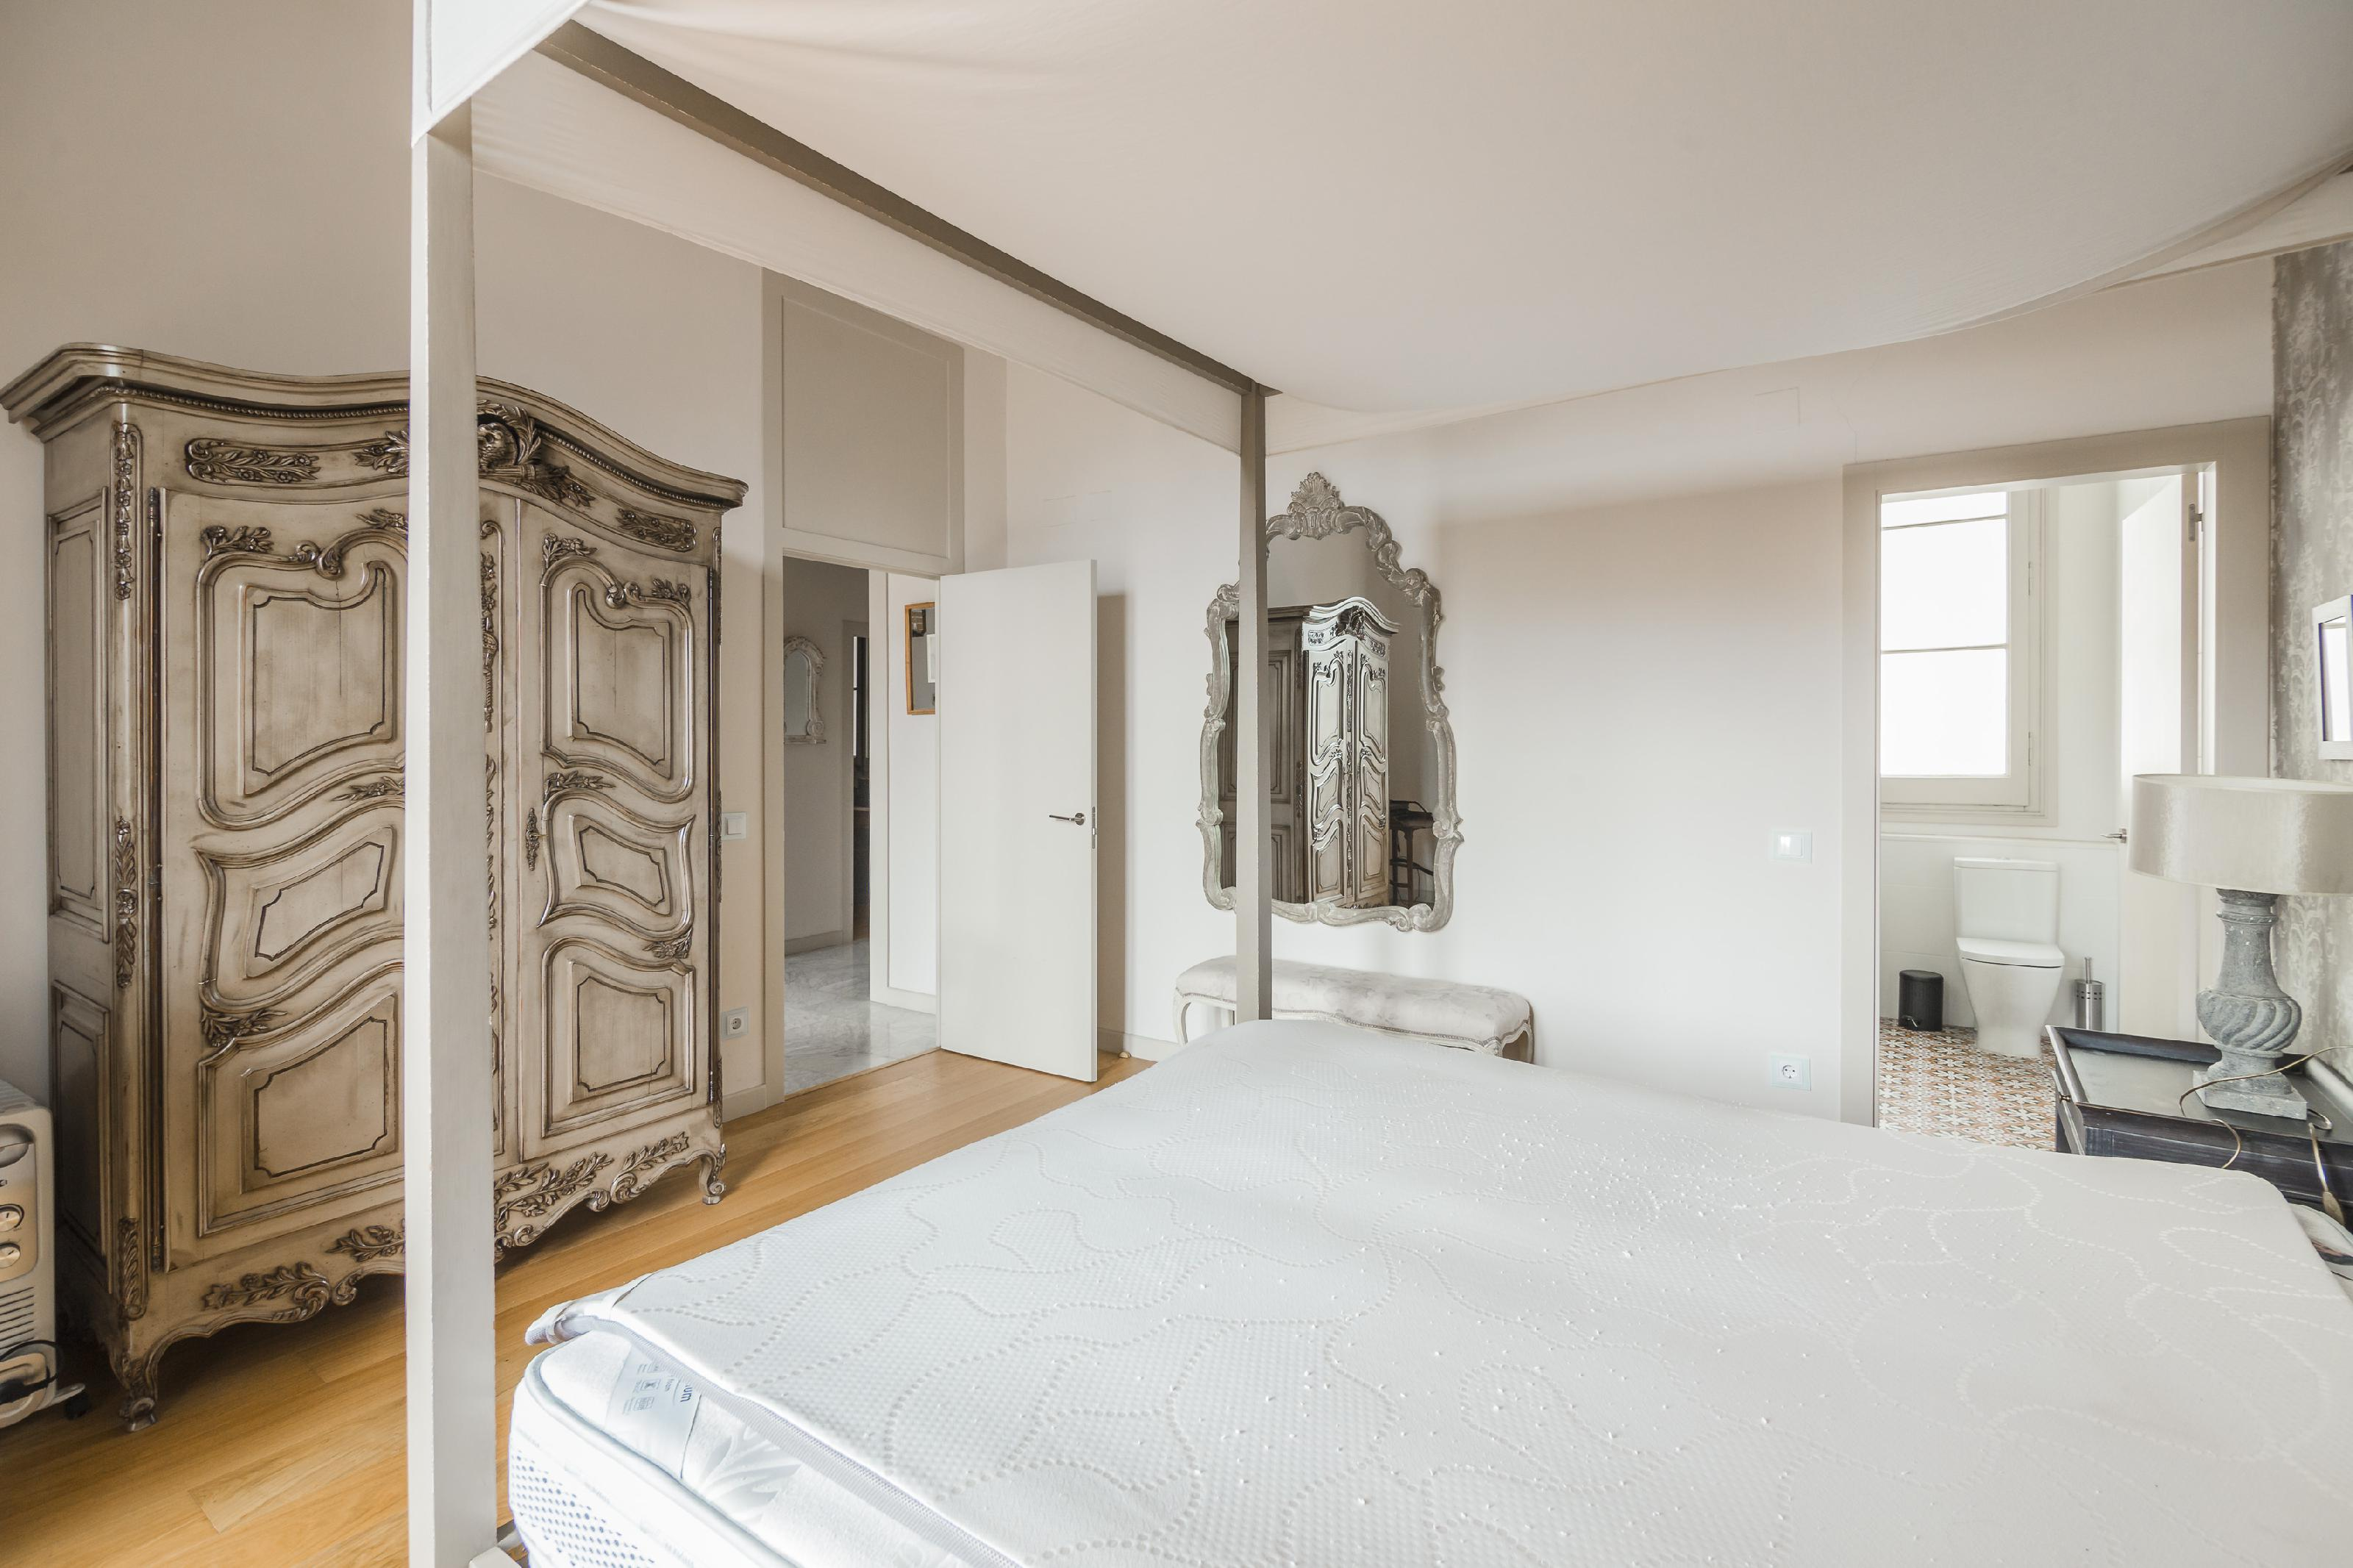 248206 Flat for sale in Gràcia, Vila de Gràcia 17